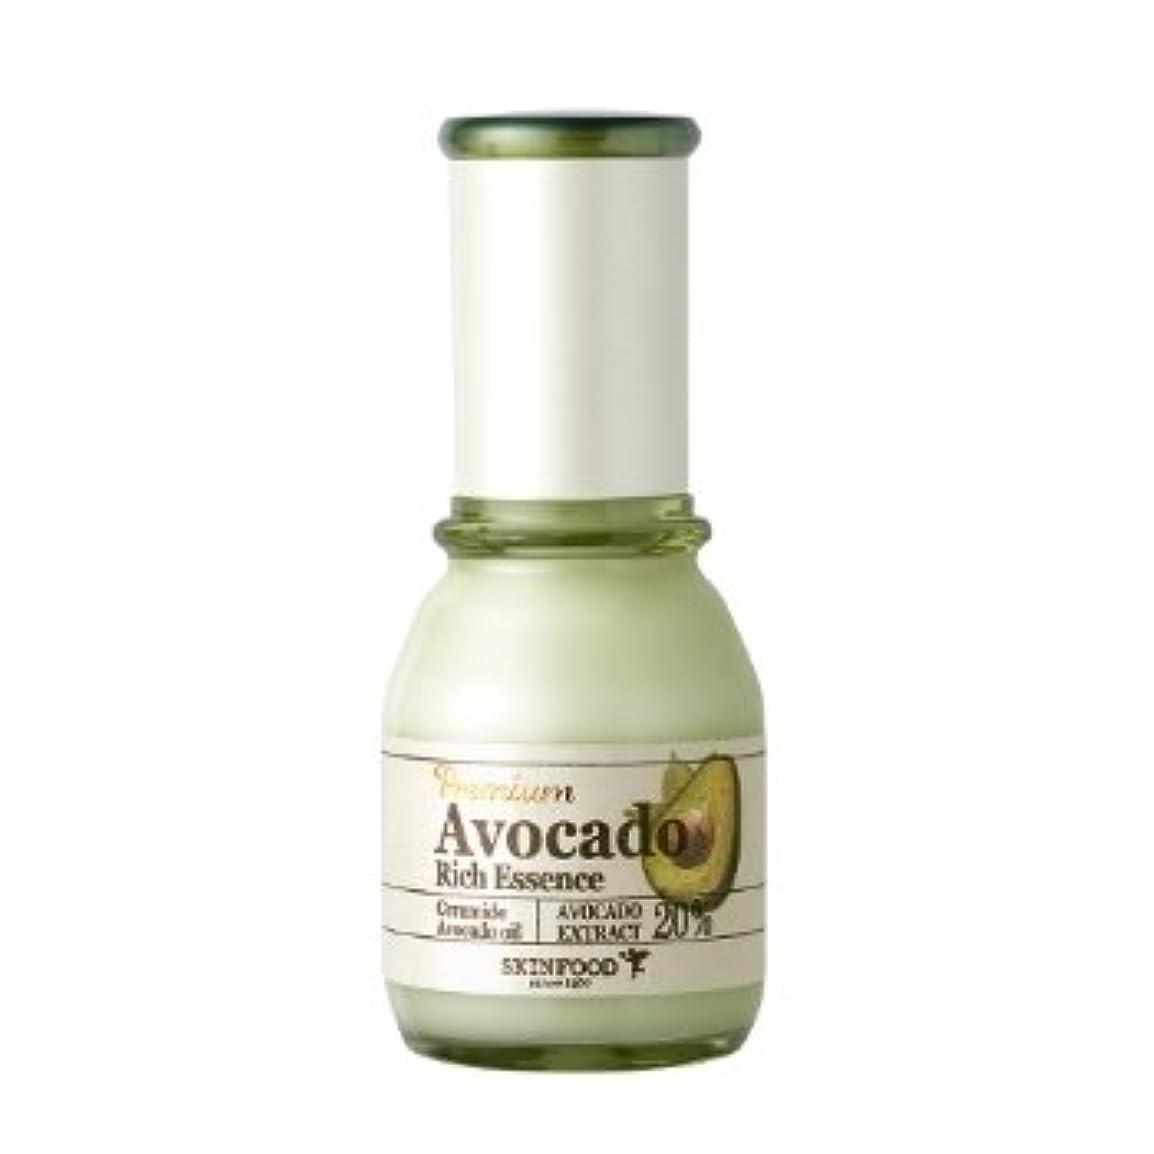 プロットエイリアスかまどスキンフード [Skin Food] プレミアム アボカド リーチ エッセンス 50ml / Premium Avocado Rich Essence 海外直送品